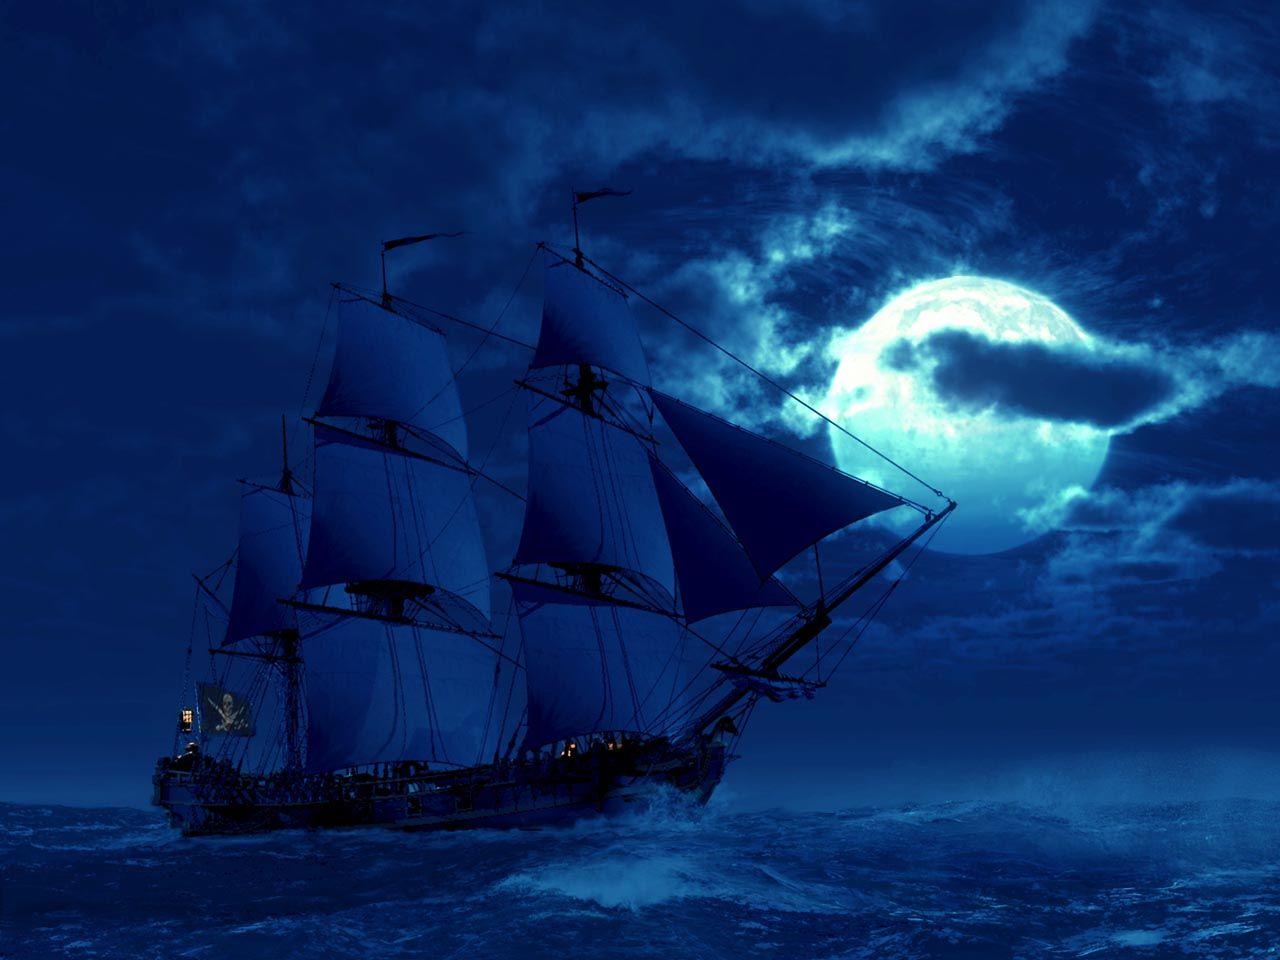 корабль в ночном море картинки благодаря мир